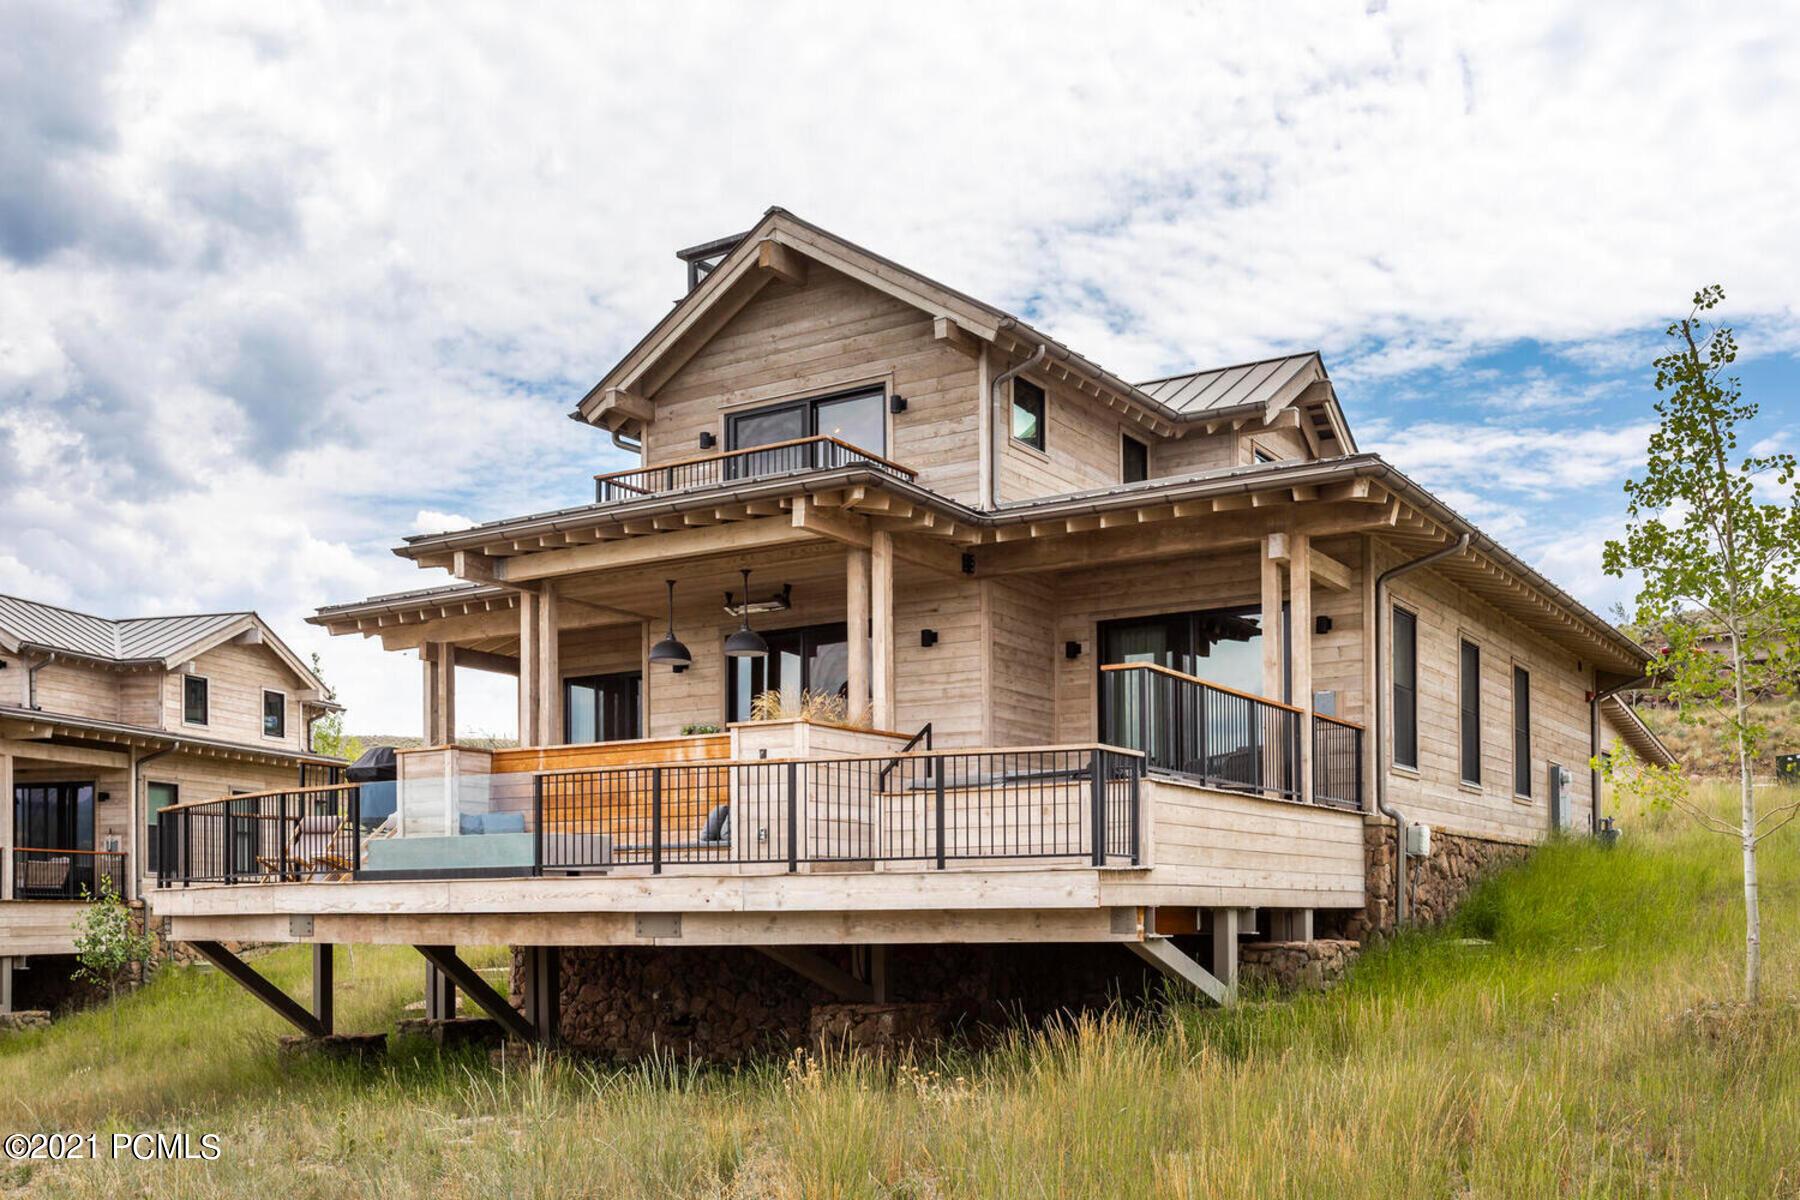 7465 Stardust Ct #313 F, 2.22, Heber City, Utah 84032, 3 Bedrooms Bedrooms, ,3 BathroomsBathrooms,Fractional Interest,For Sale,Stardust Ct #313 F, 2.22,12103683